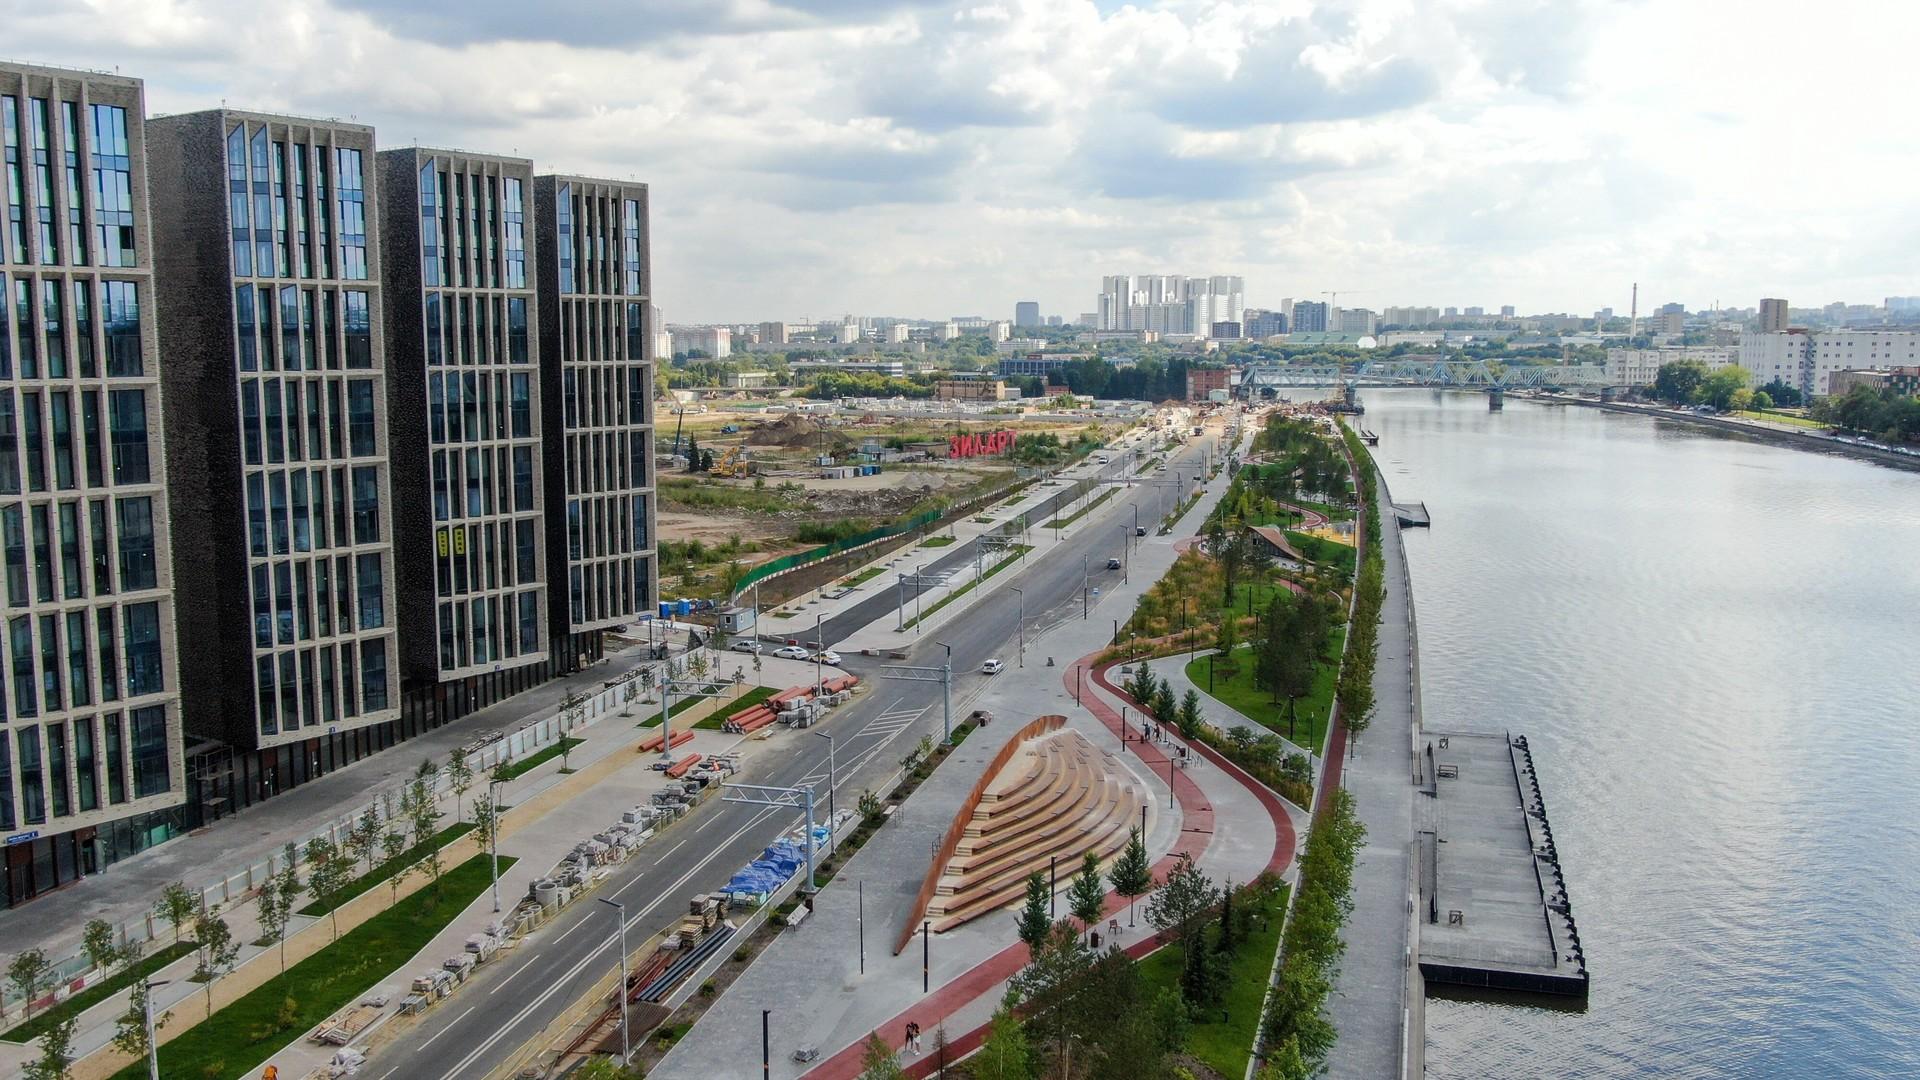 Un nuovo quartiere residenziale costruito non lontano dal centro di Mosca